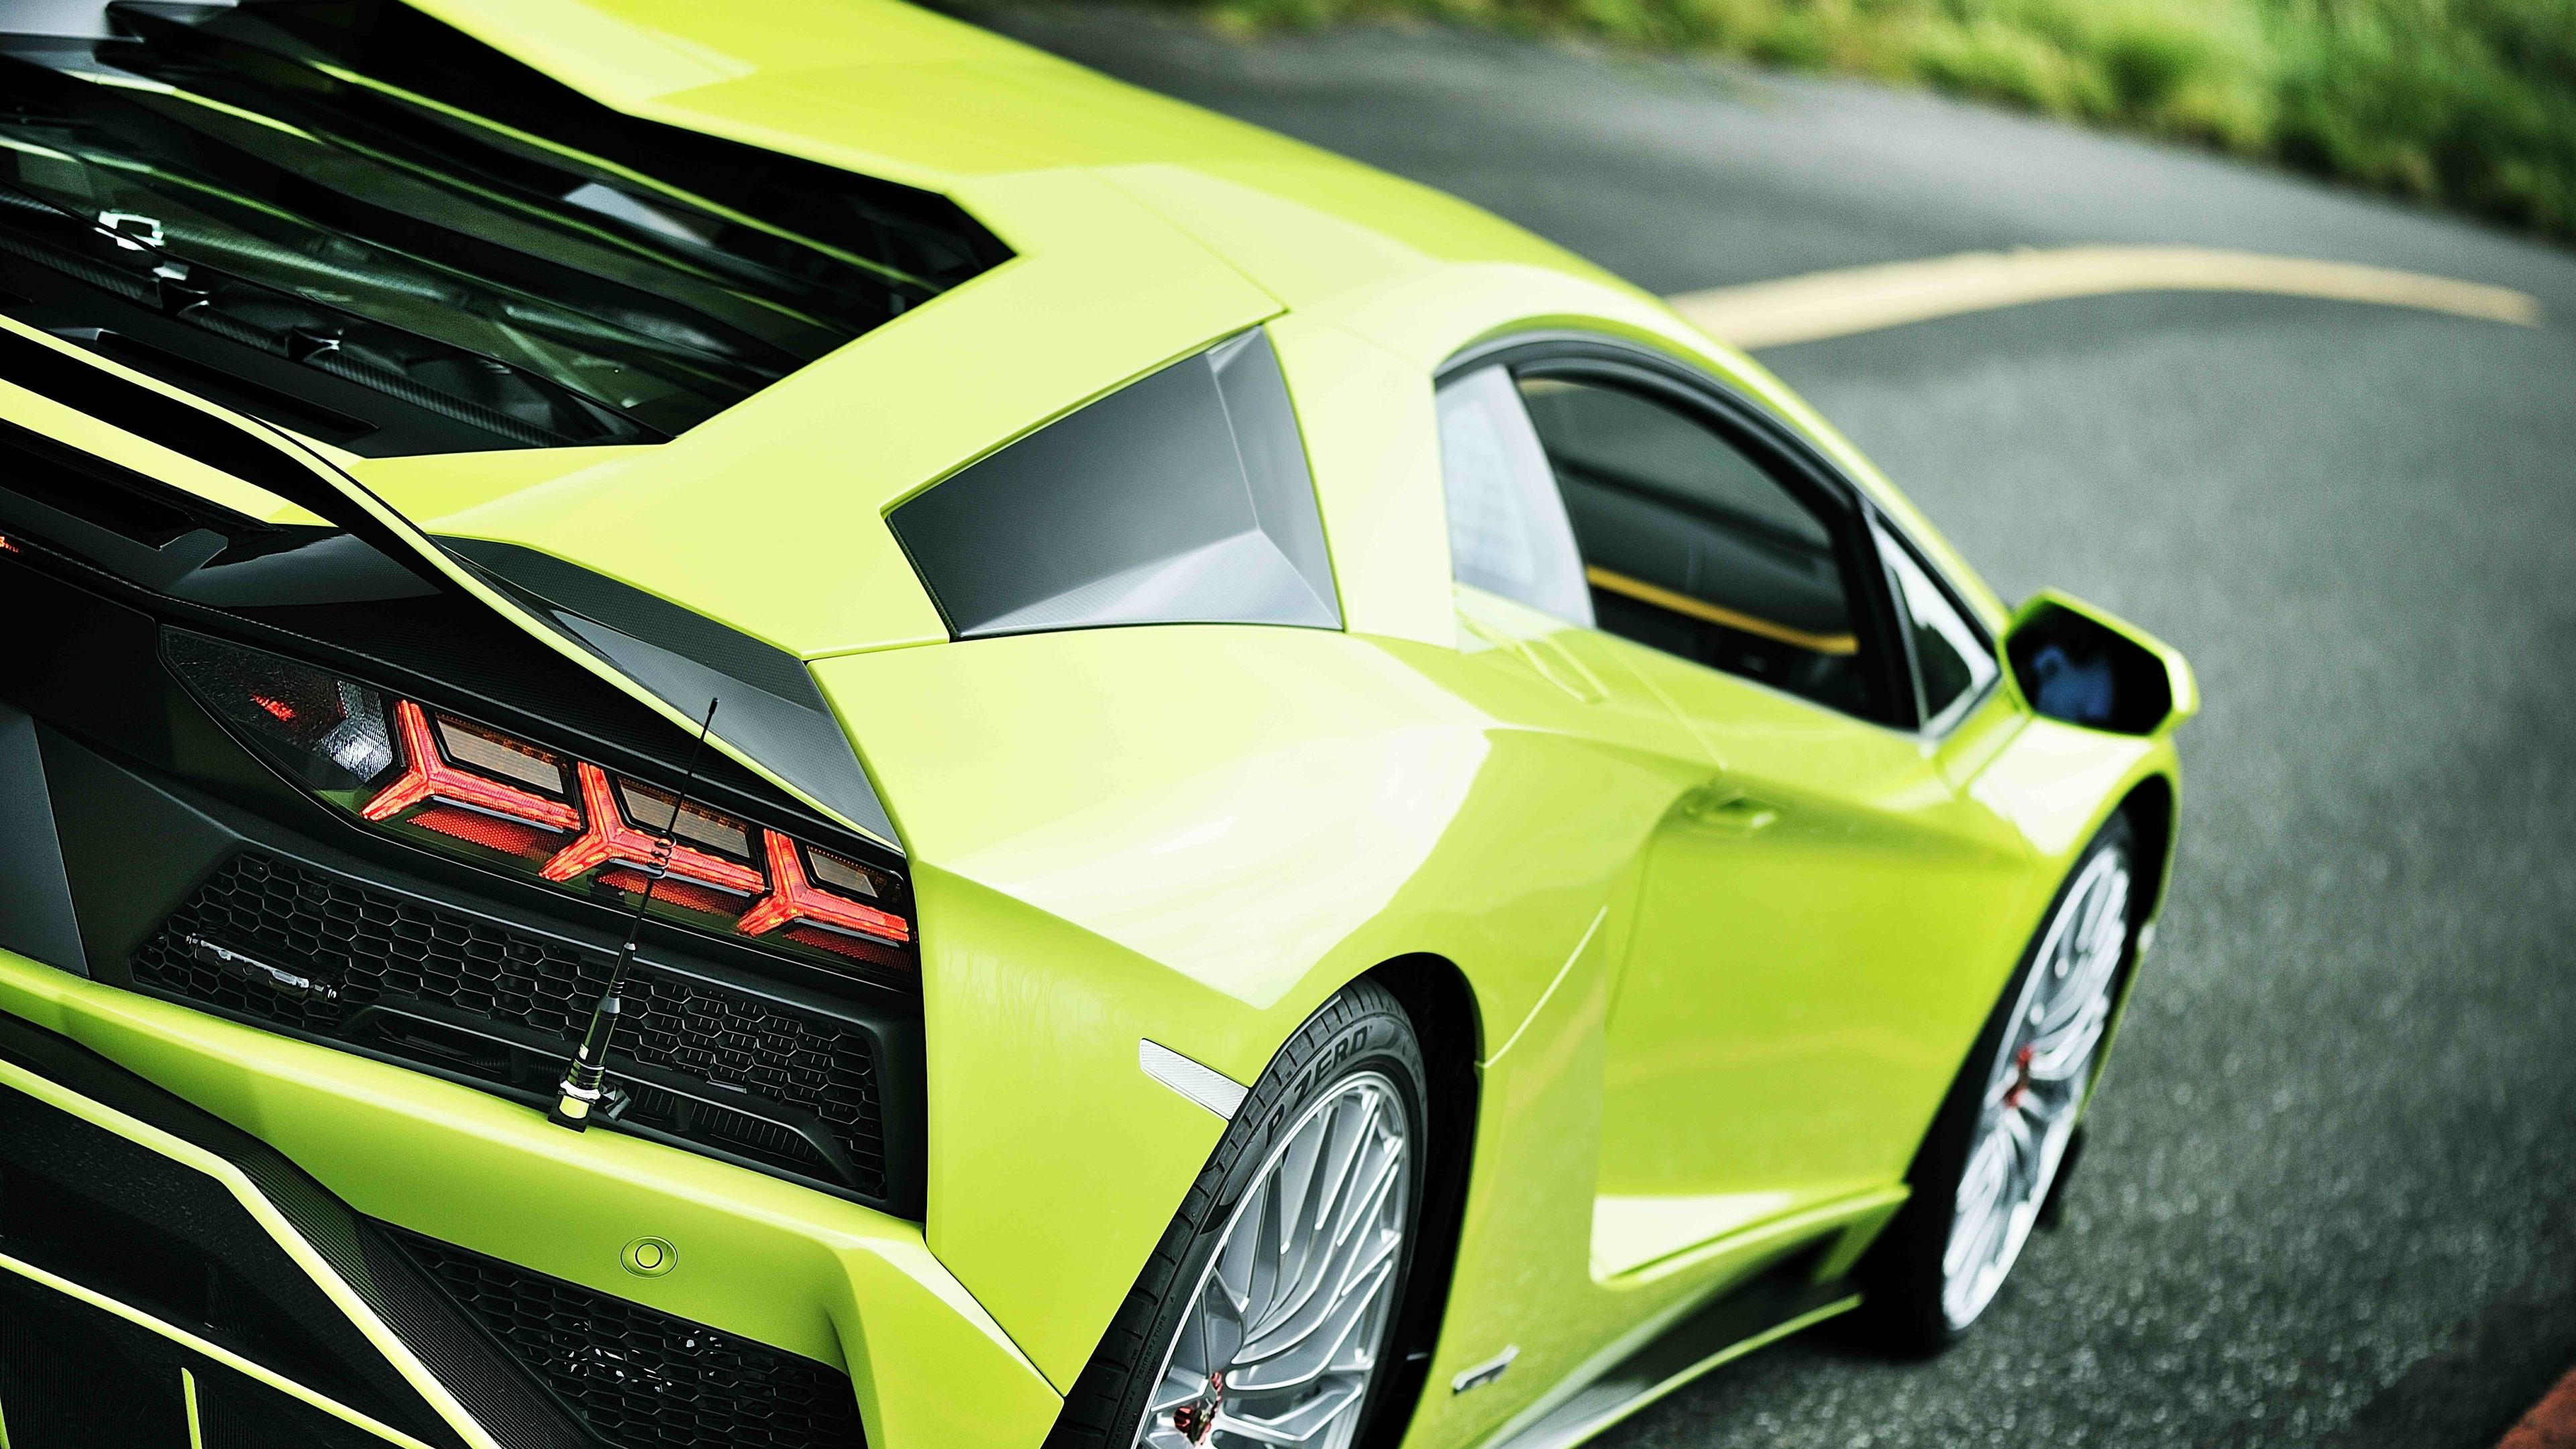 lamborghini huracan rear 8k 1539792748 - Lamborghini Huracan Rear 8k - lamborghini wallpapers, lamborghini huracan wallpapers, hd-wallpapers, cars wallpapers, 8k wallpapers, 5k wallpapers, 4k-wallpapers